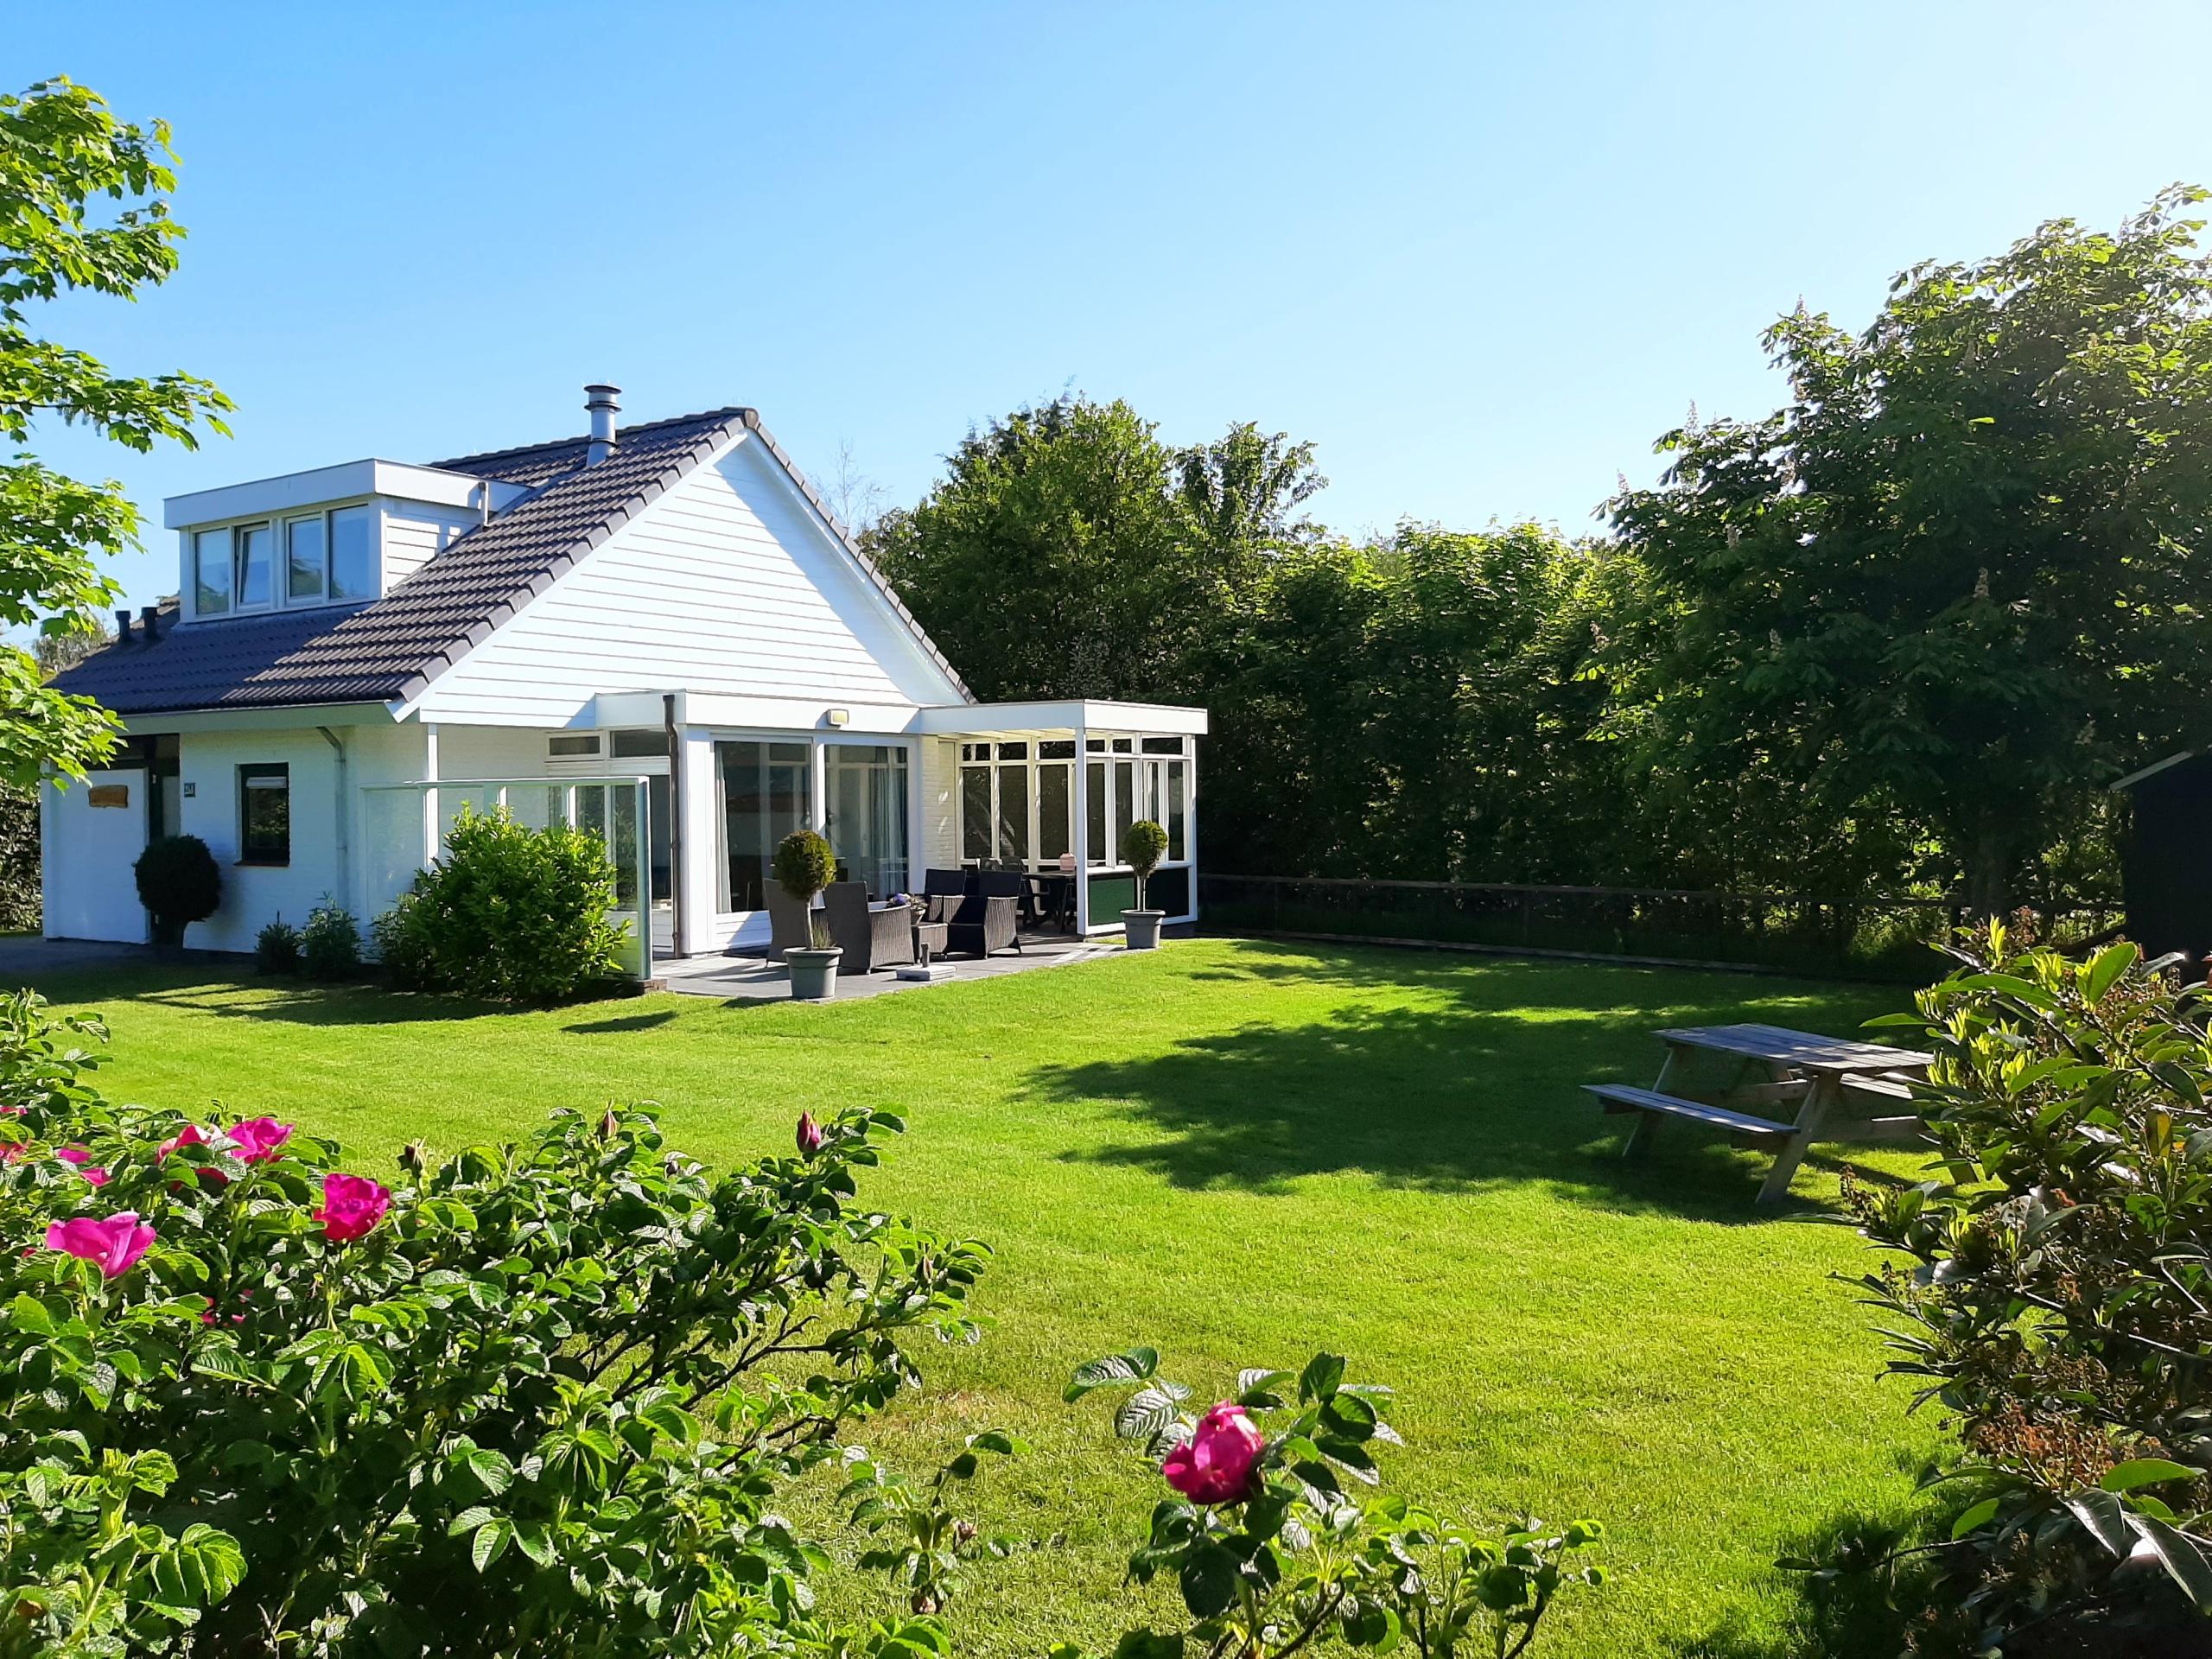 Genieten in comfortabel vakantiehuis met riante tuin in het Dennenbos